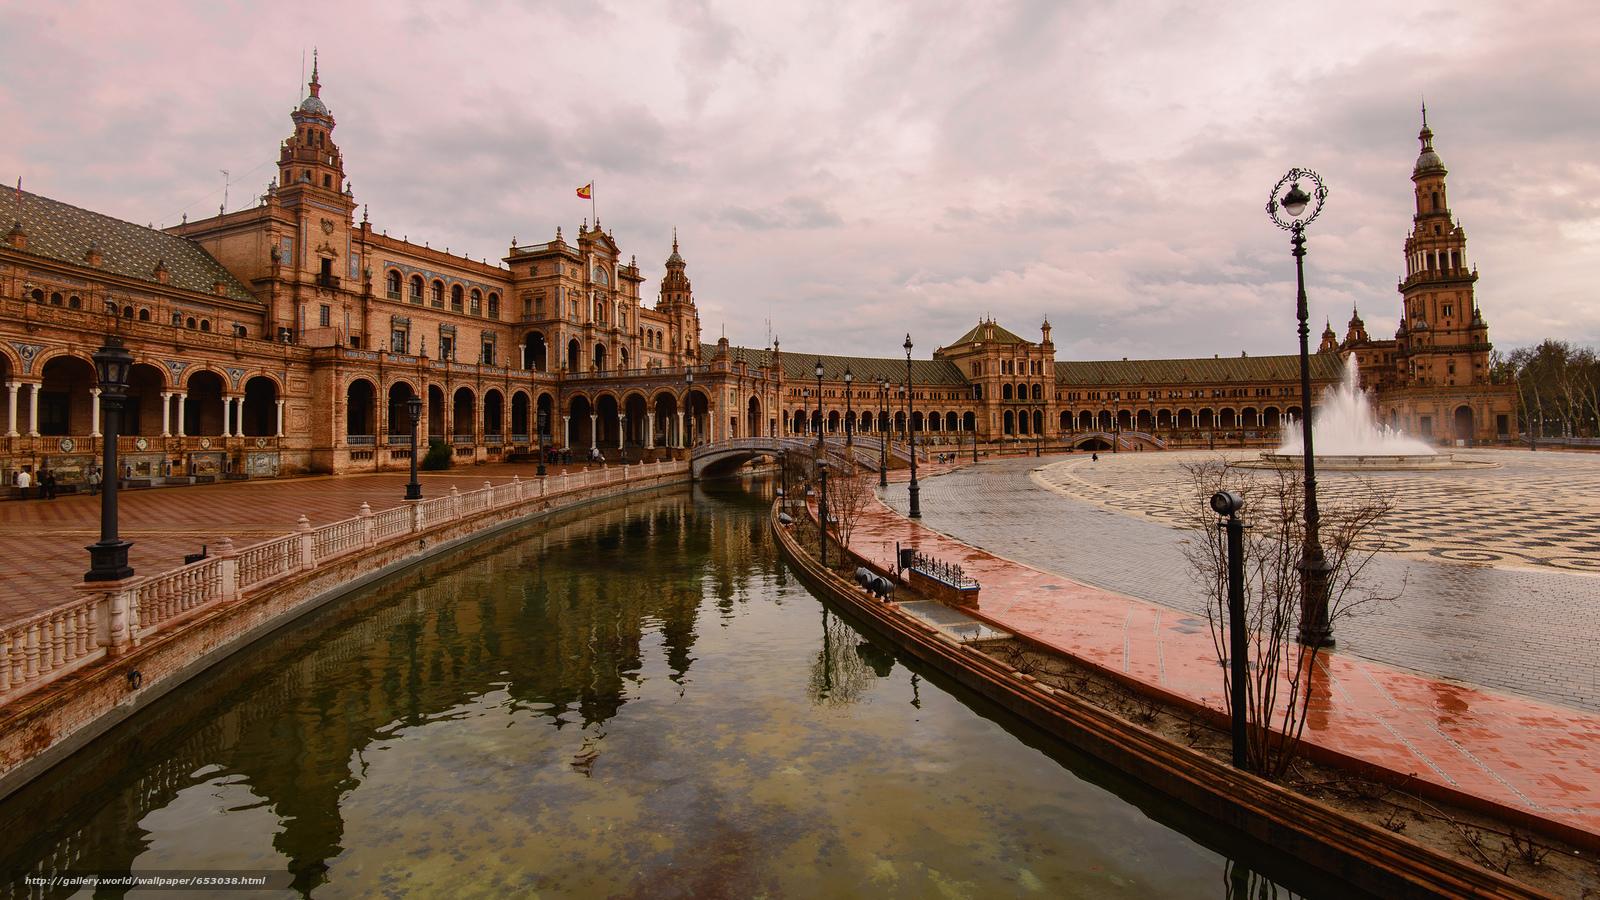 Скачать обои Площадь Севилья,  Испании,  город бесплатно для рабочего стола в разрешении 2048x1152 — картинка №653038